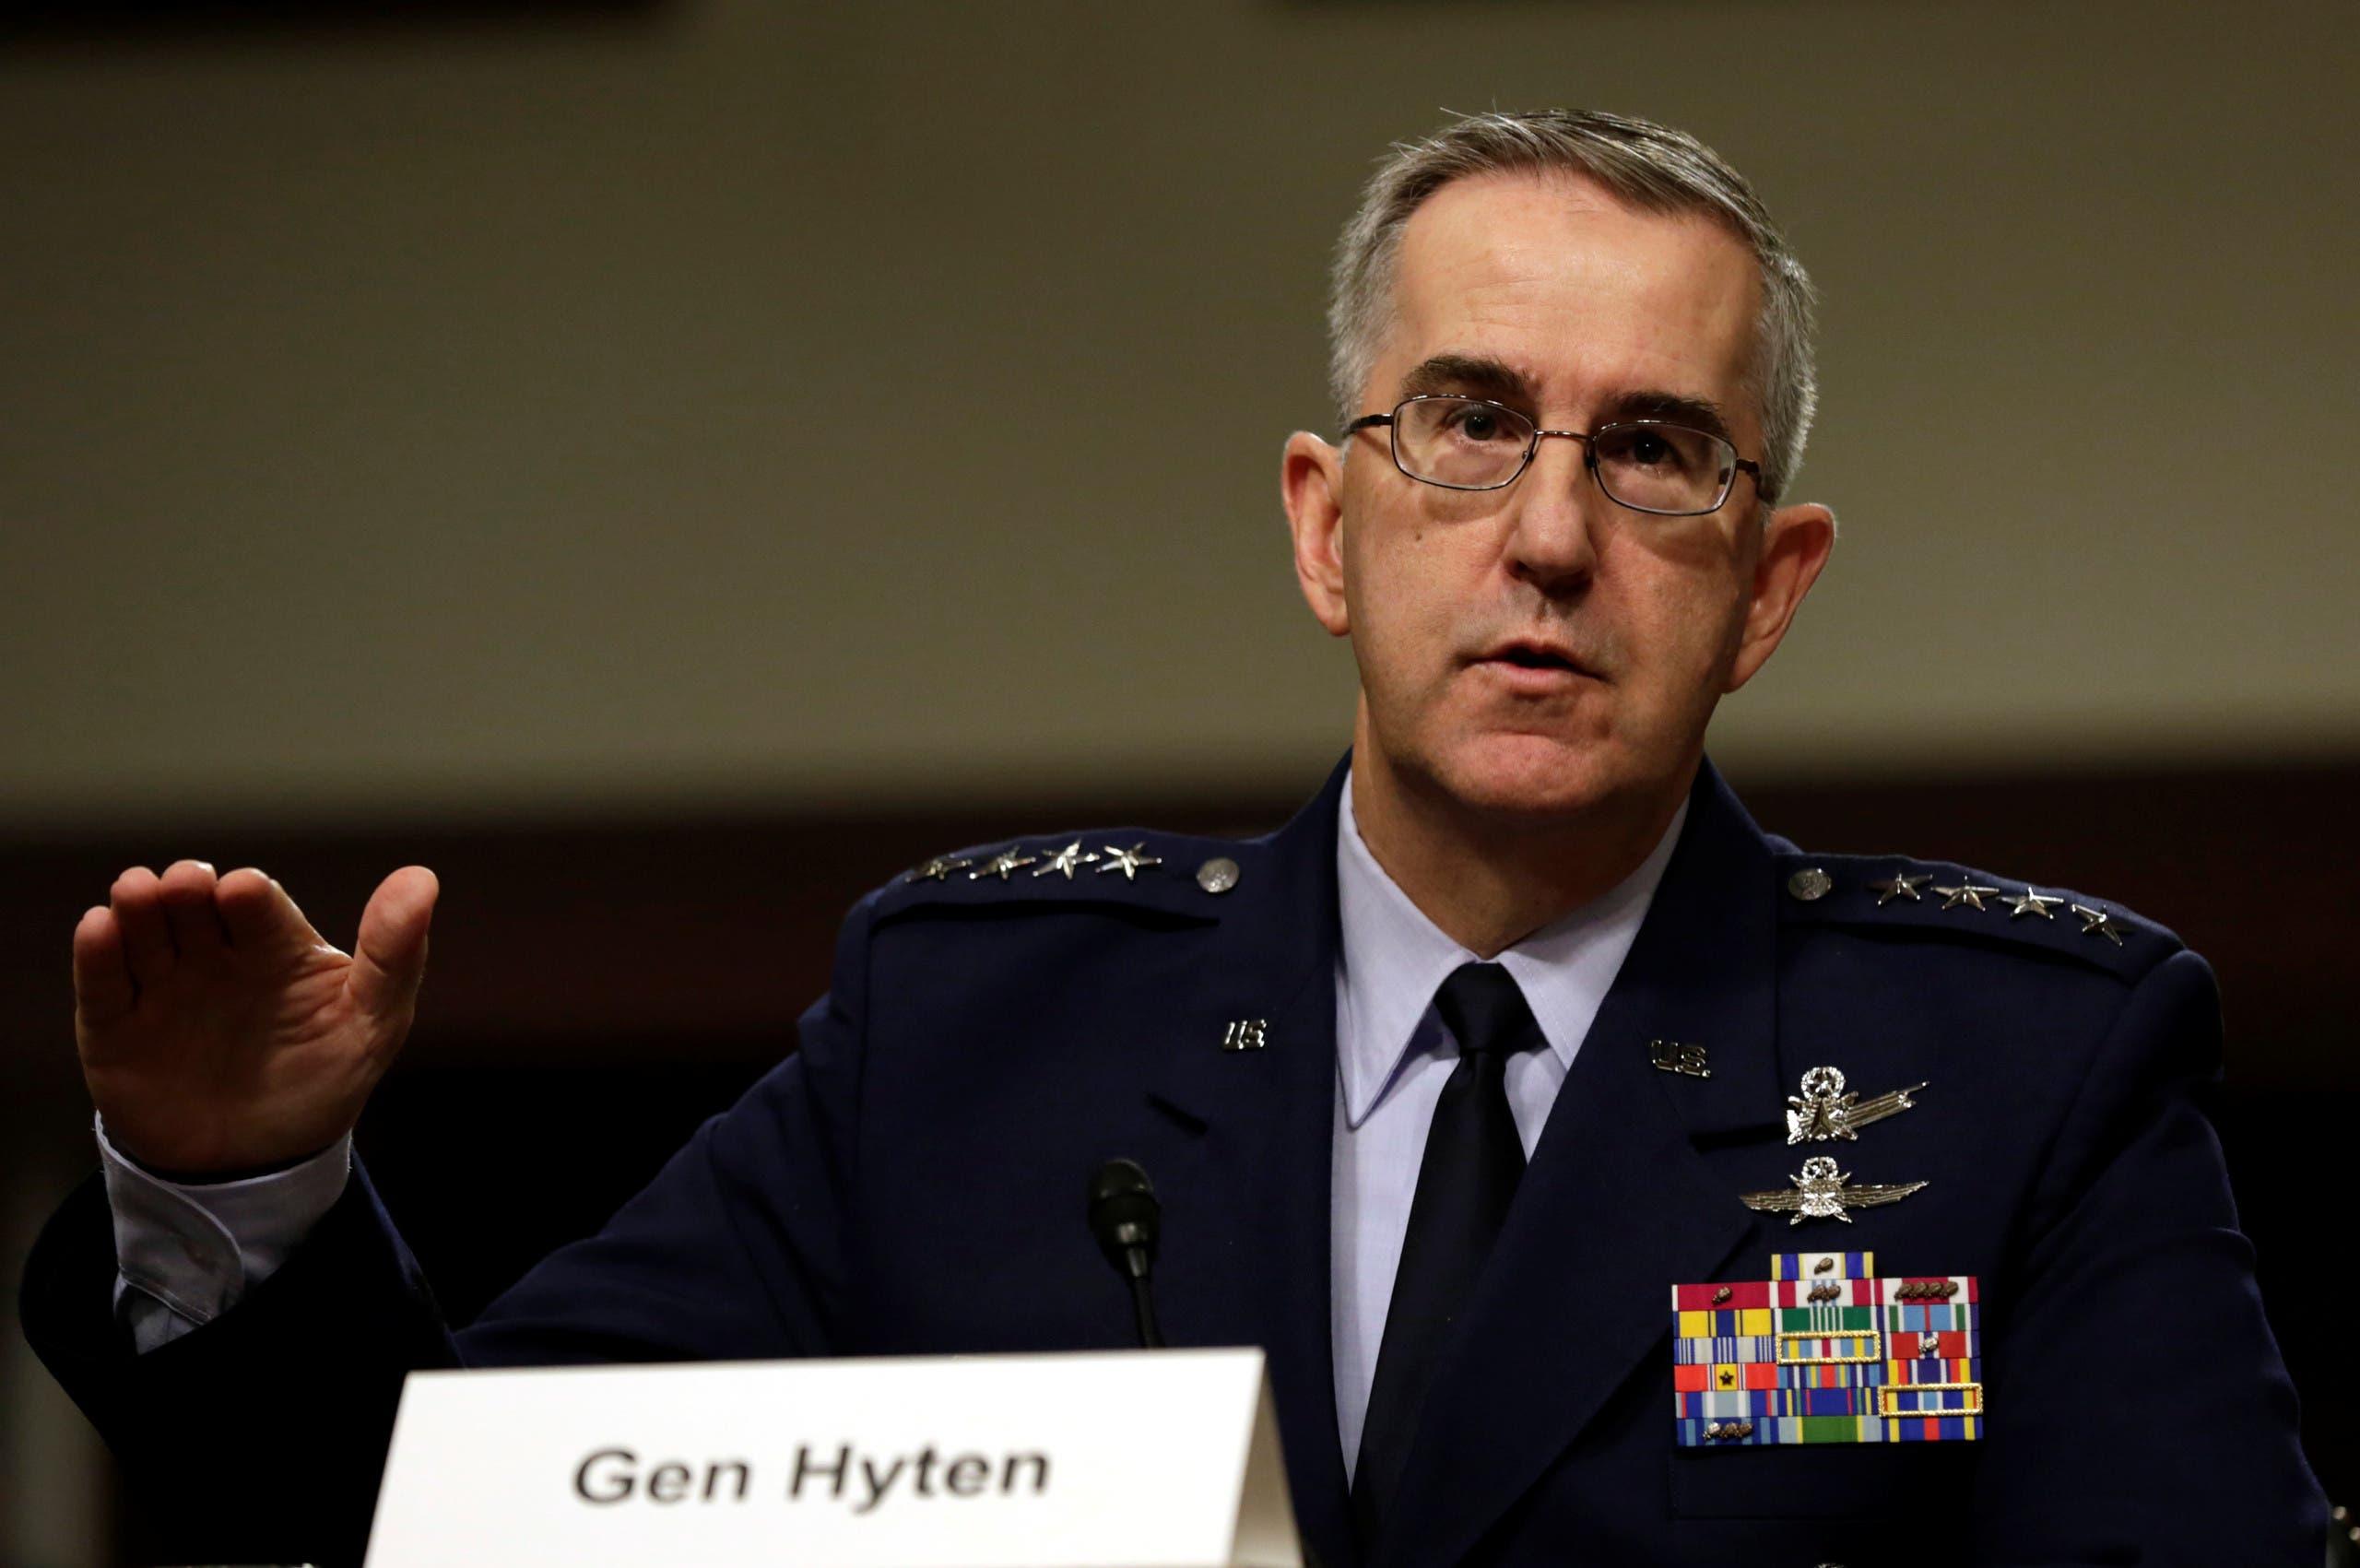 نائب رئيس هيئة الأركان الأميركية المشتركة، الجنرال جون هايتن (أرشيفية - رويترز)